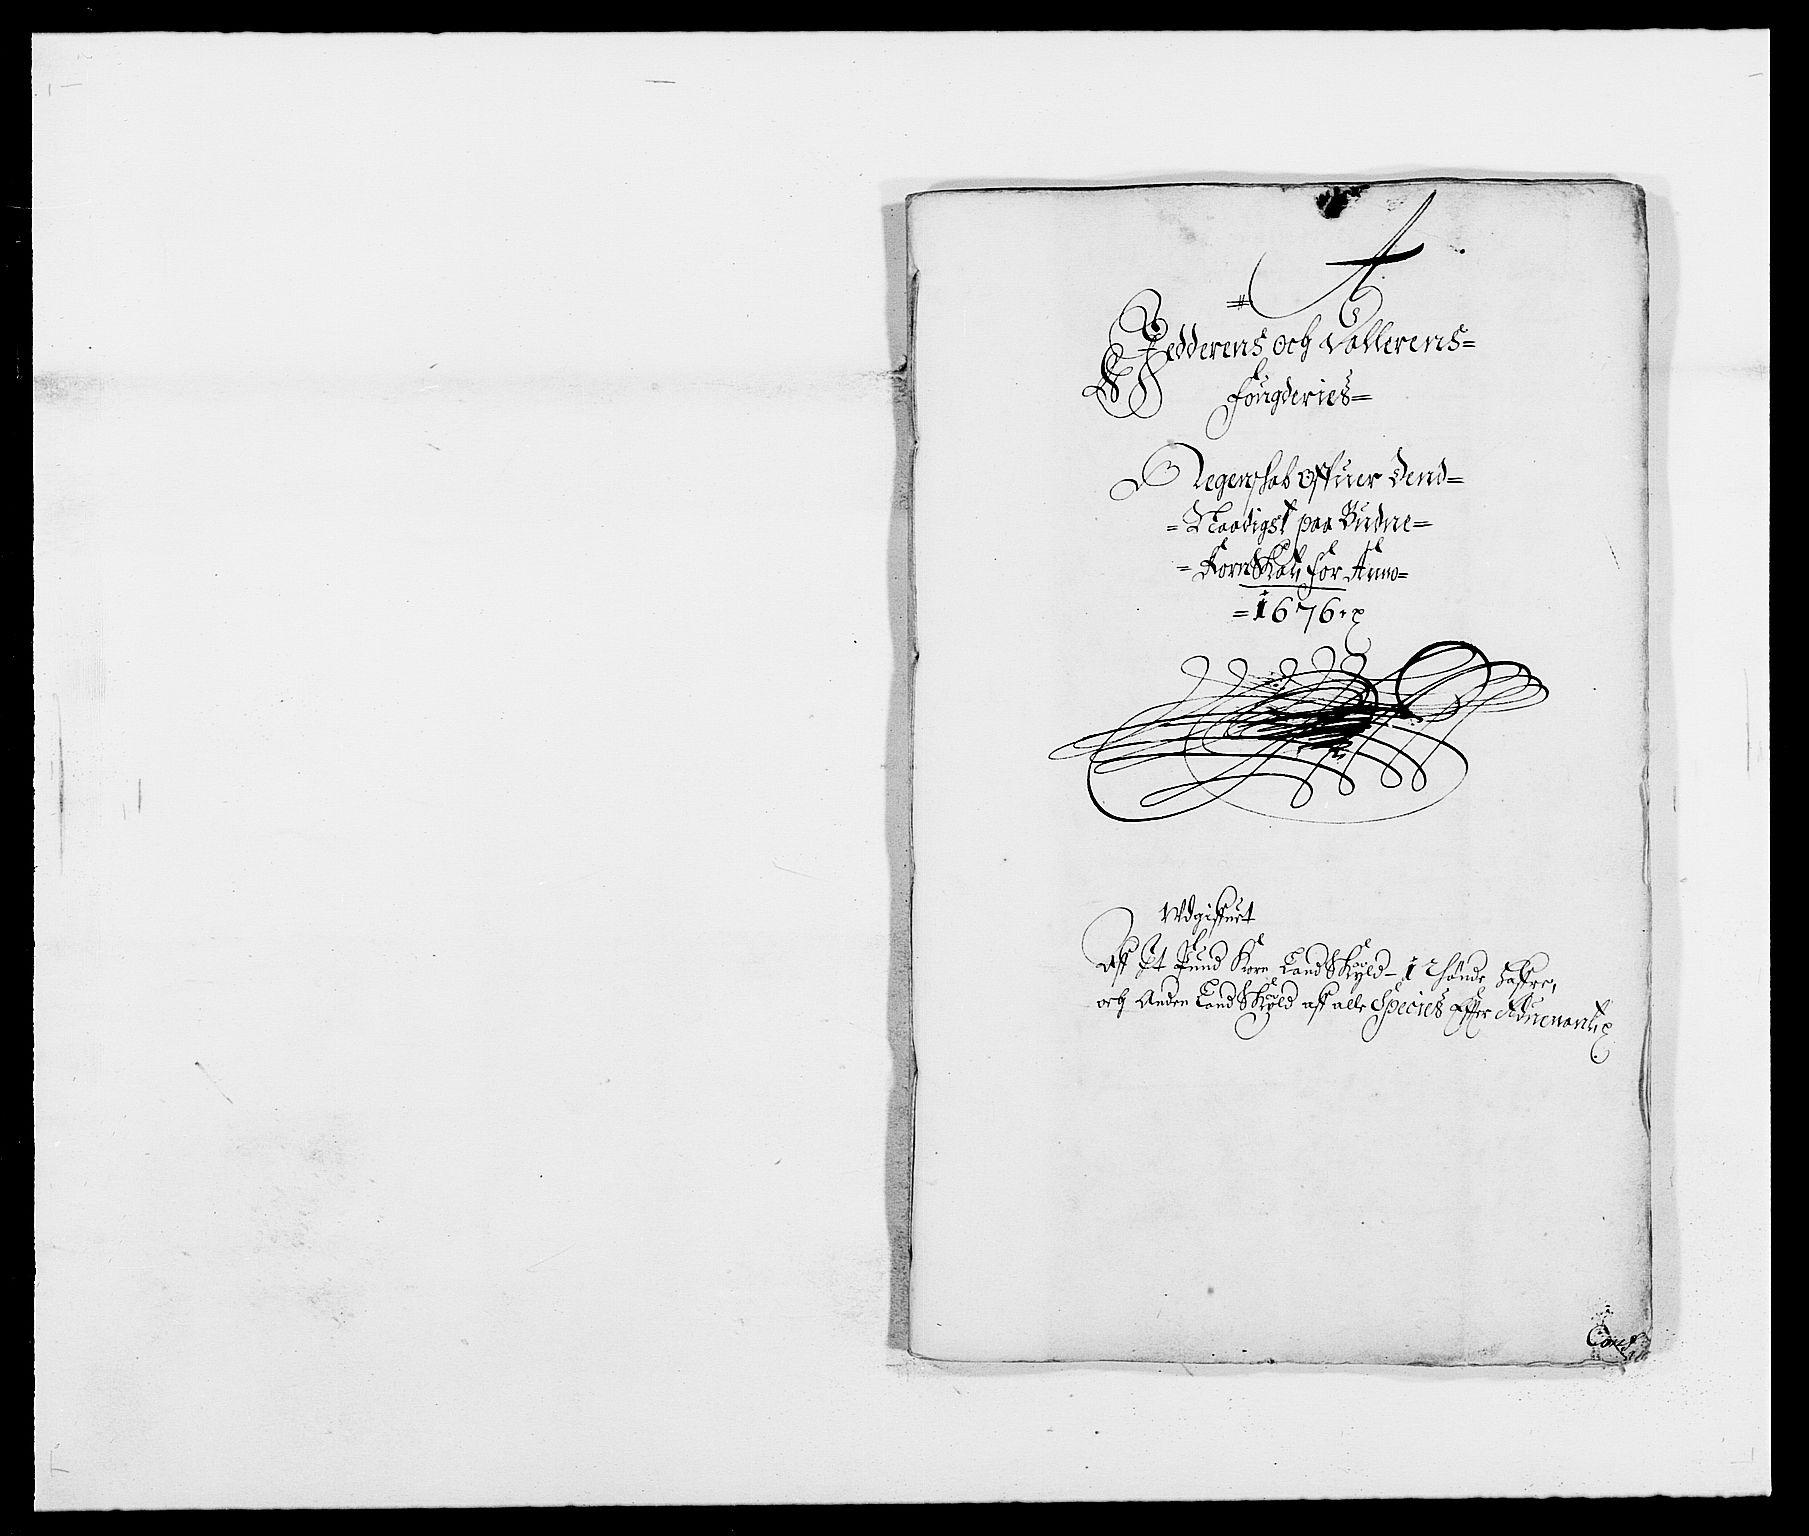 RA, Rentekammeret inntil 1814, Reviderte regnskaper, Fogderegnskap, R46/L2716: Fogderegnskap Jæren og Dalane, 1676, s. 19